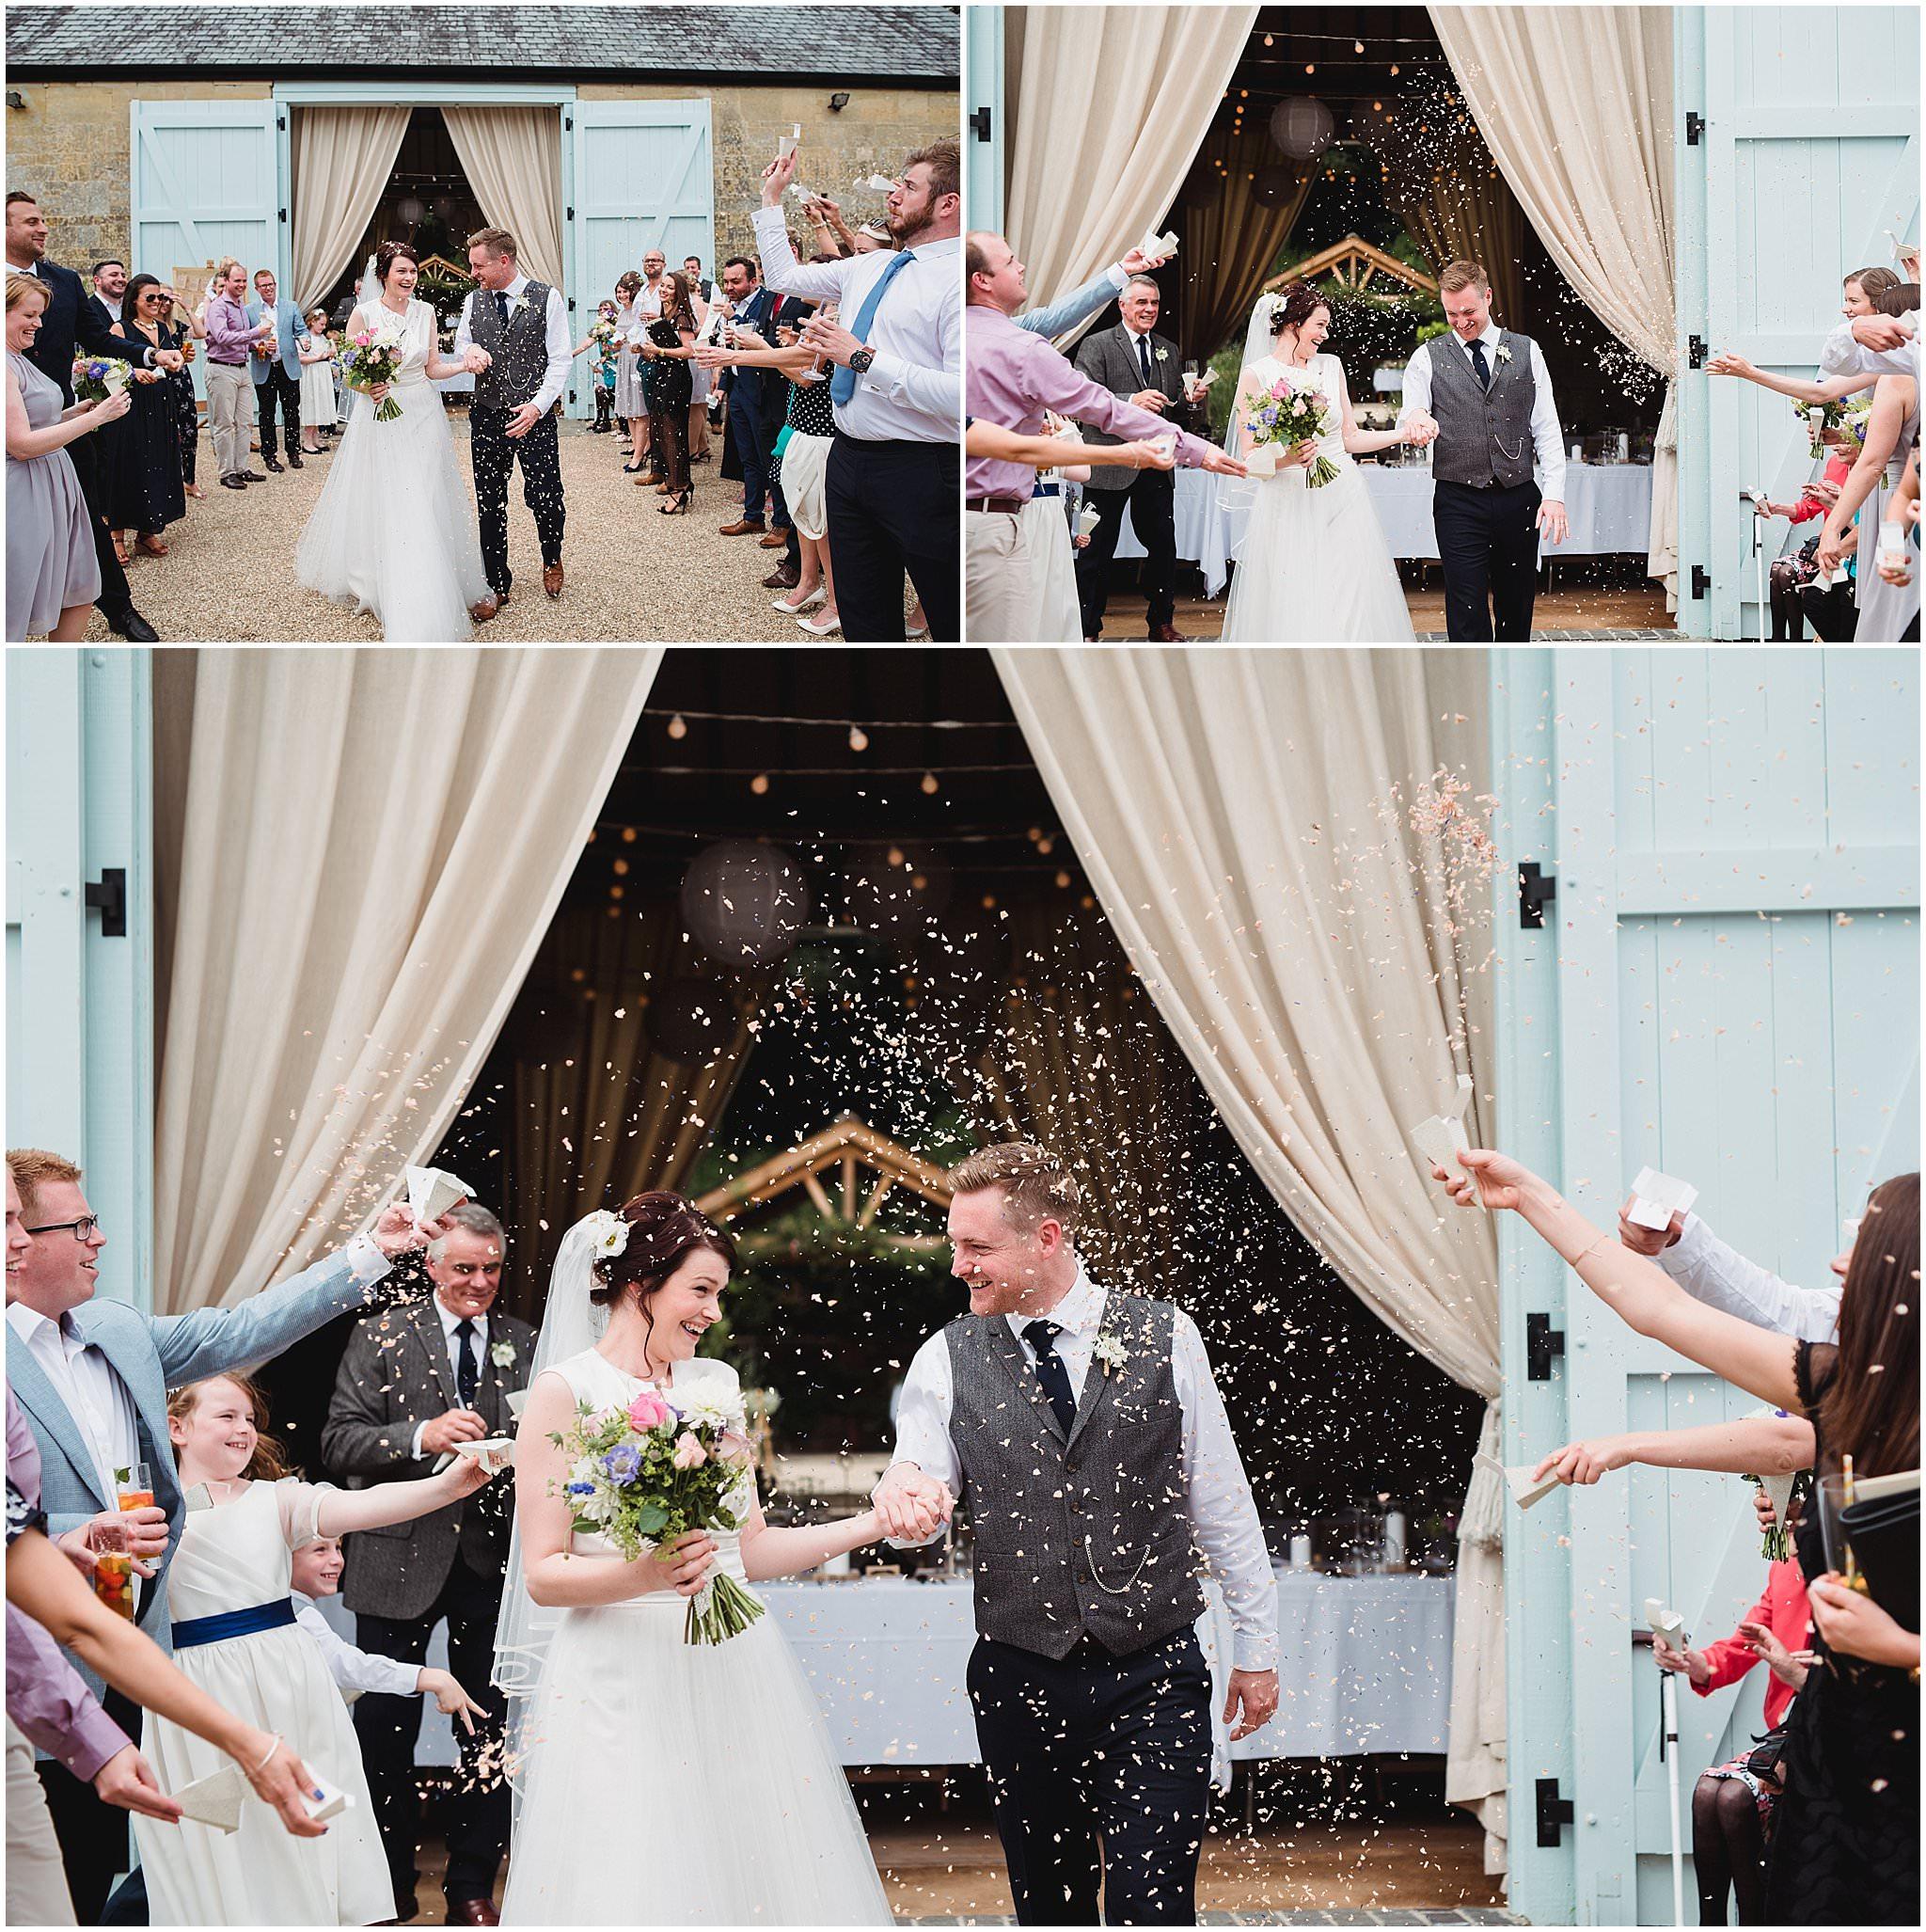 fay & tim wedding at ashley wood farm_0468